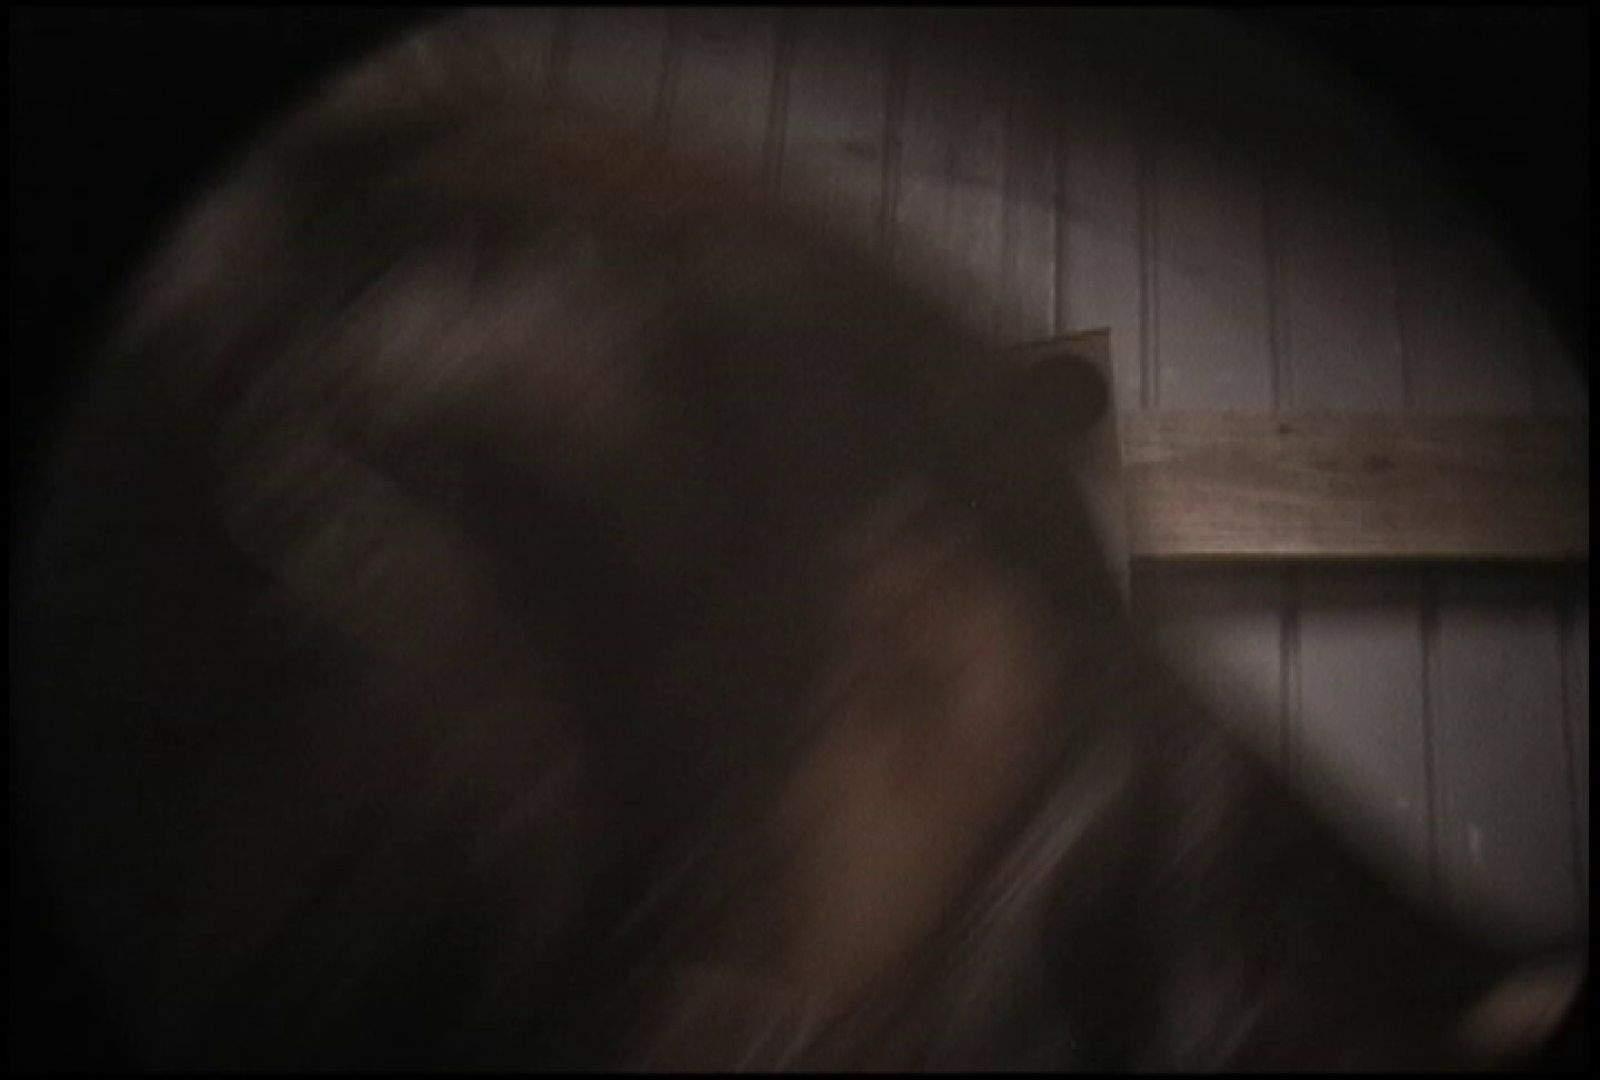 No.134 年増のぽっこりお腹 シャワー室 | シャワー  102画像 79